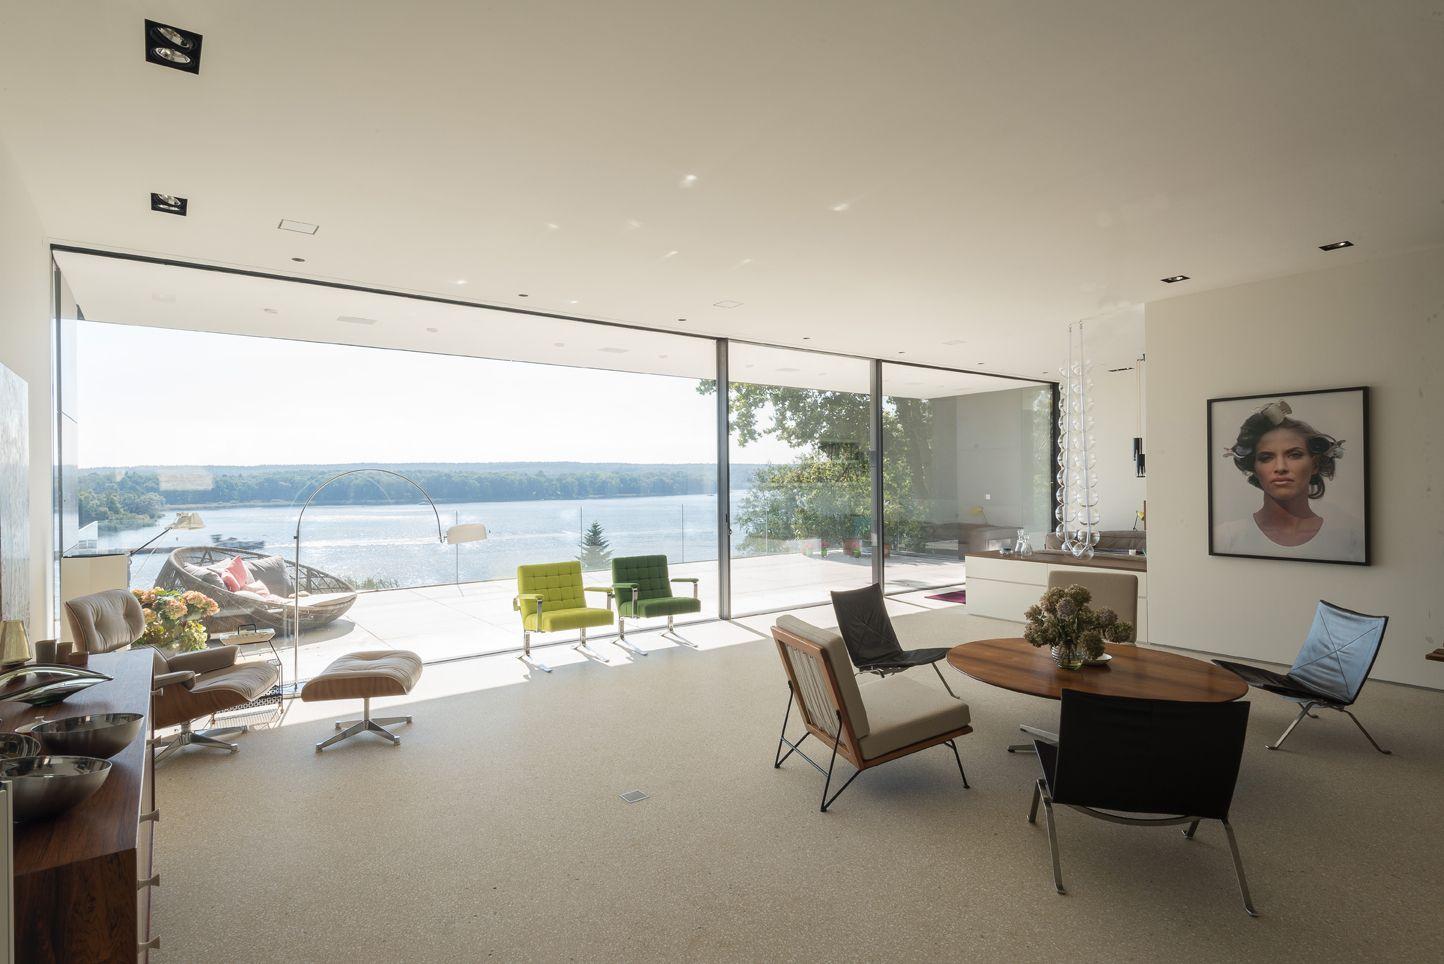 Rahmenlose schiebefenster und festverglasung burckhardt soreg schiebefenster fenster - Bodentiefe schiebefenster ...